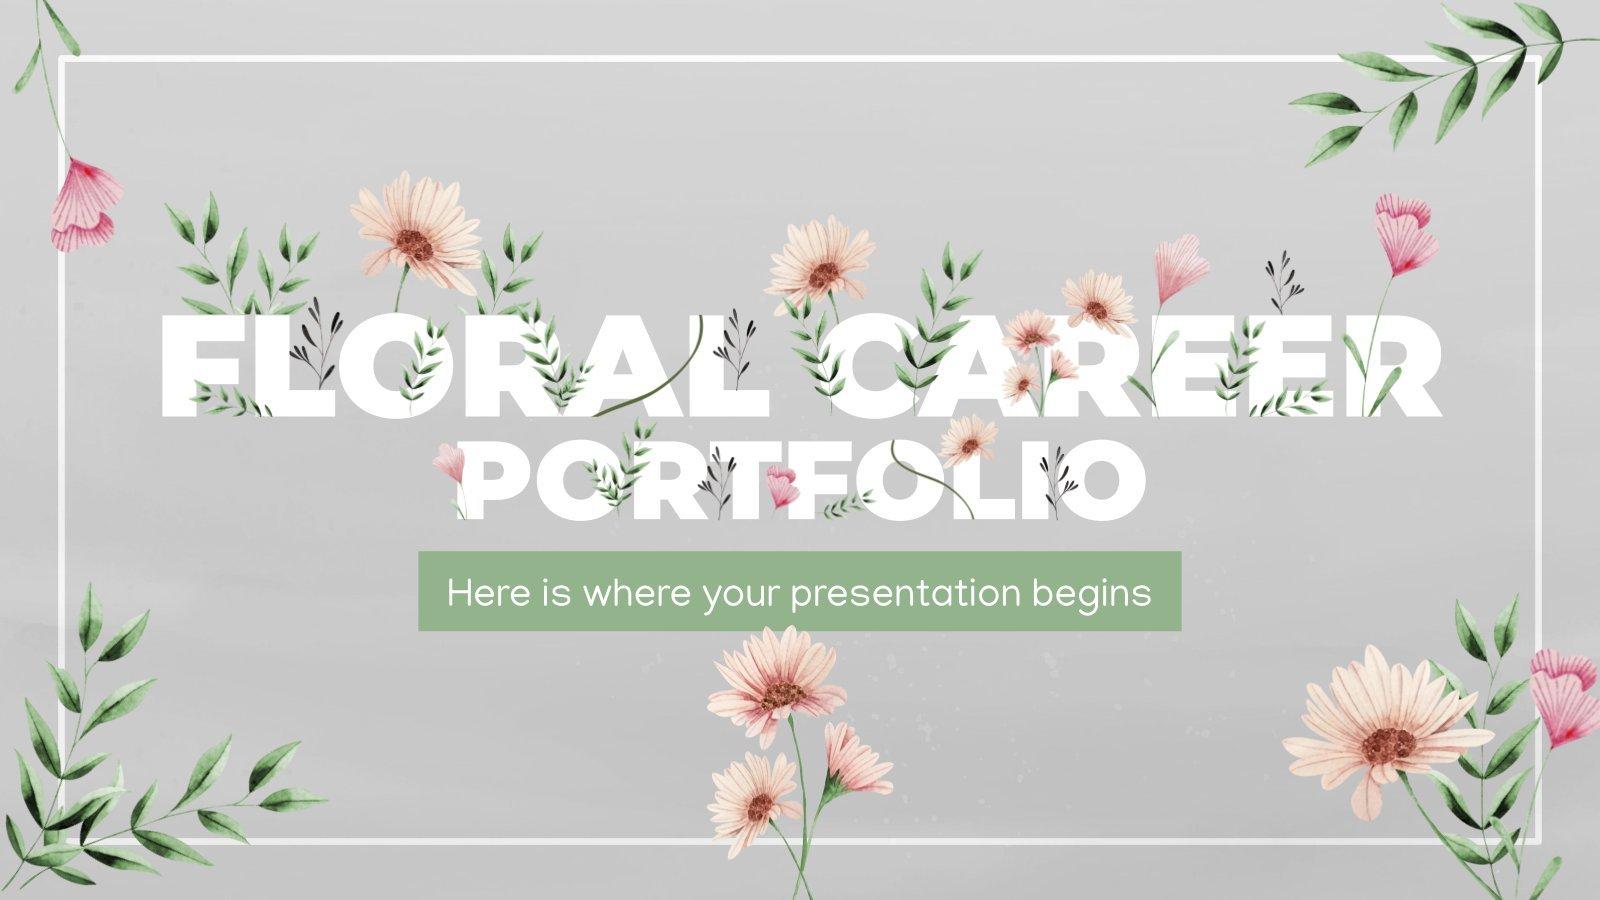 Plantilla de presentación Portafolio de diseño floral